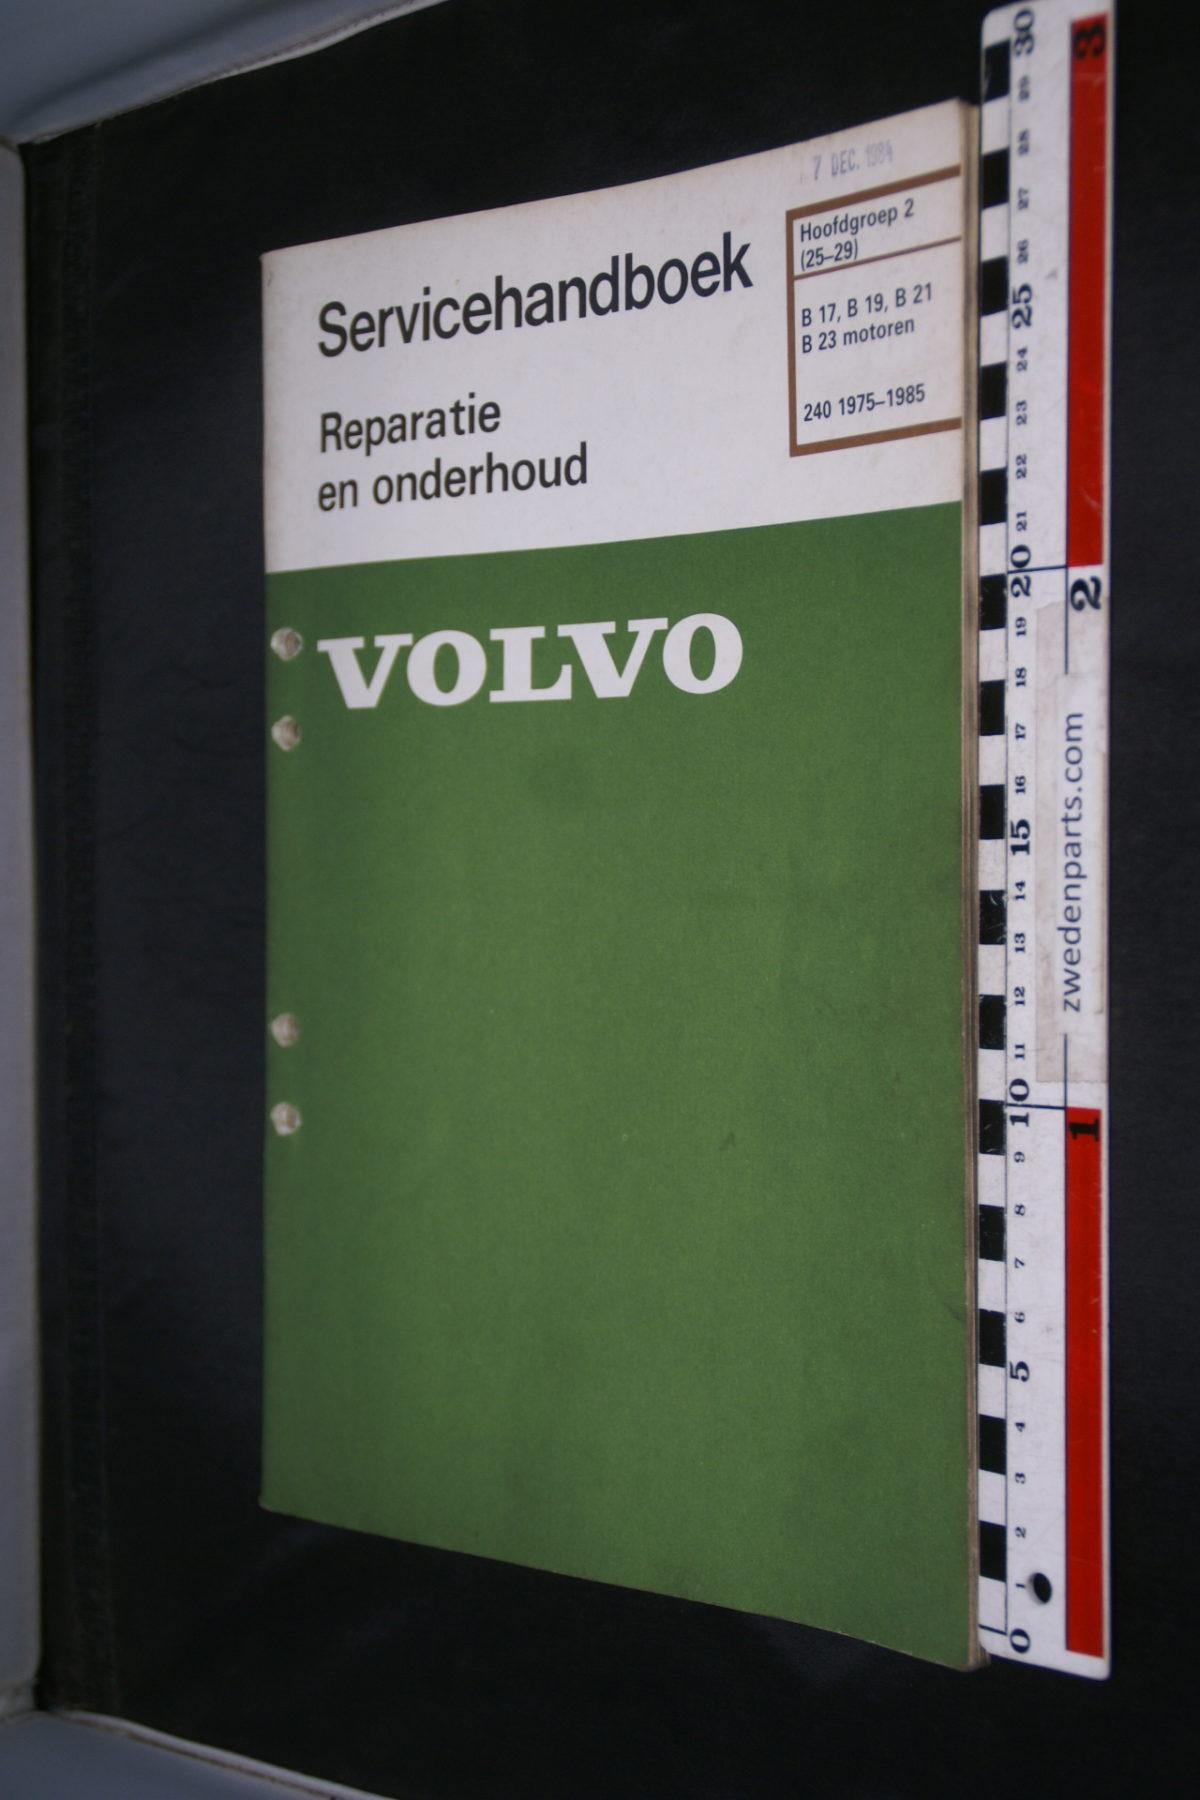 DSC08483 1984 origineel Volvo 240 servicehandboek  2 (25-29) motor B19, B21, B23 1 van 800 TP 30167-2